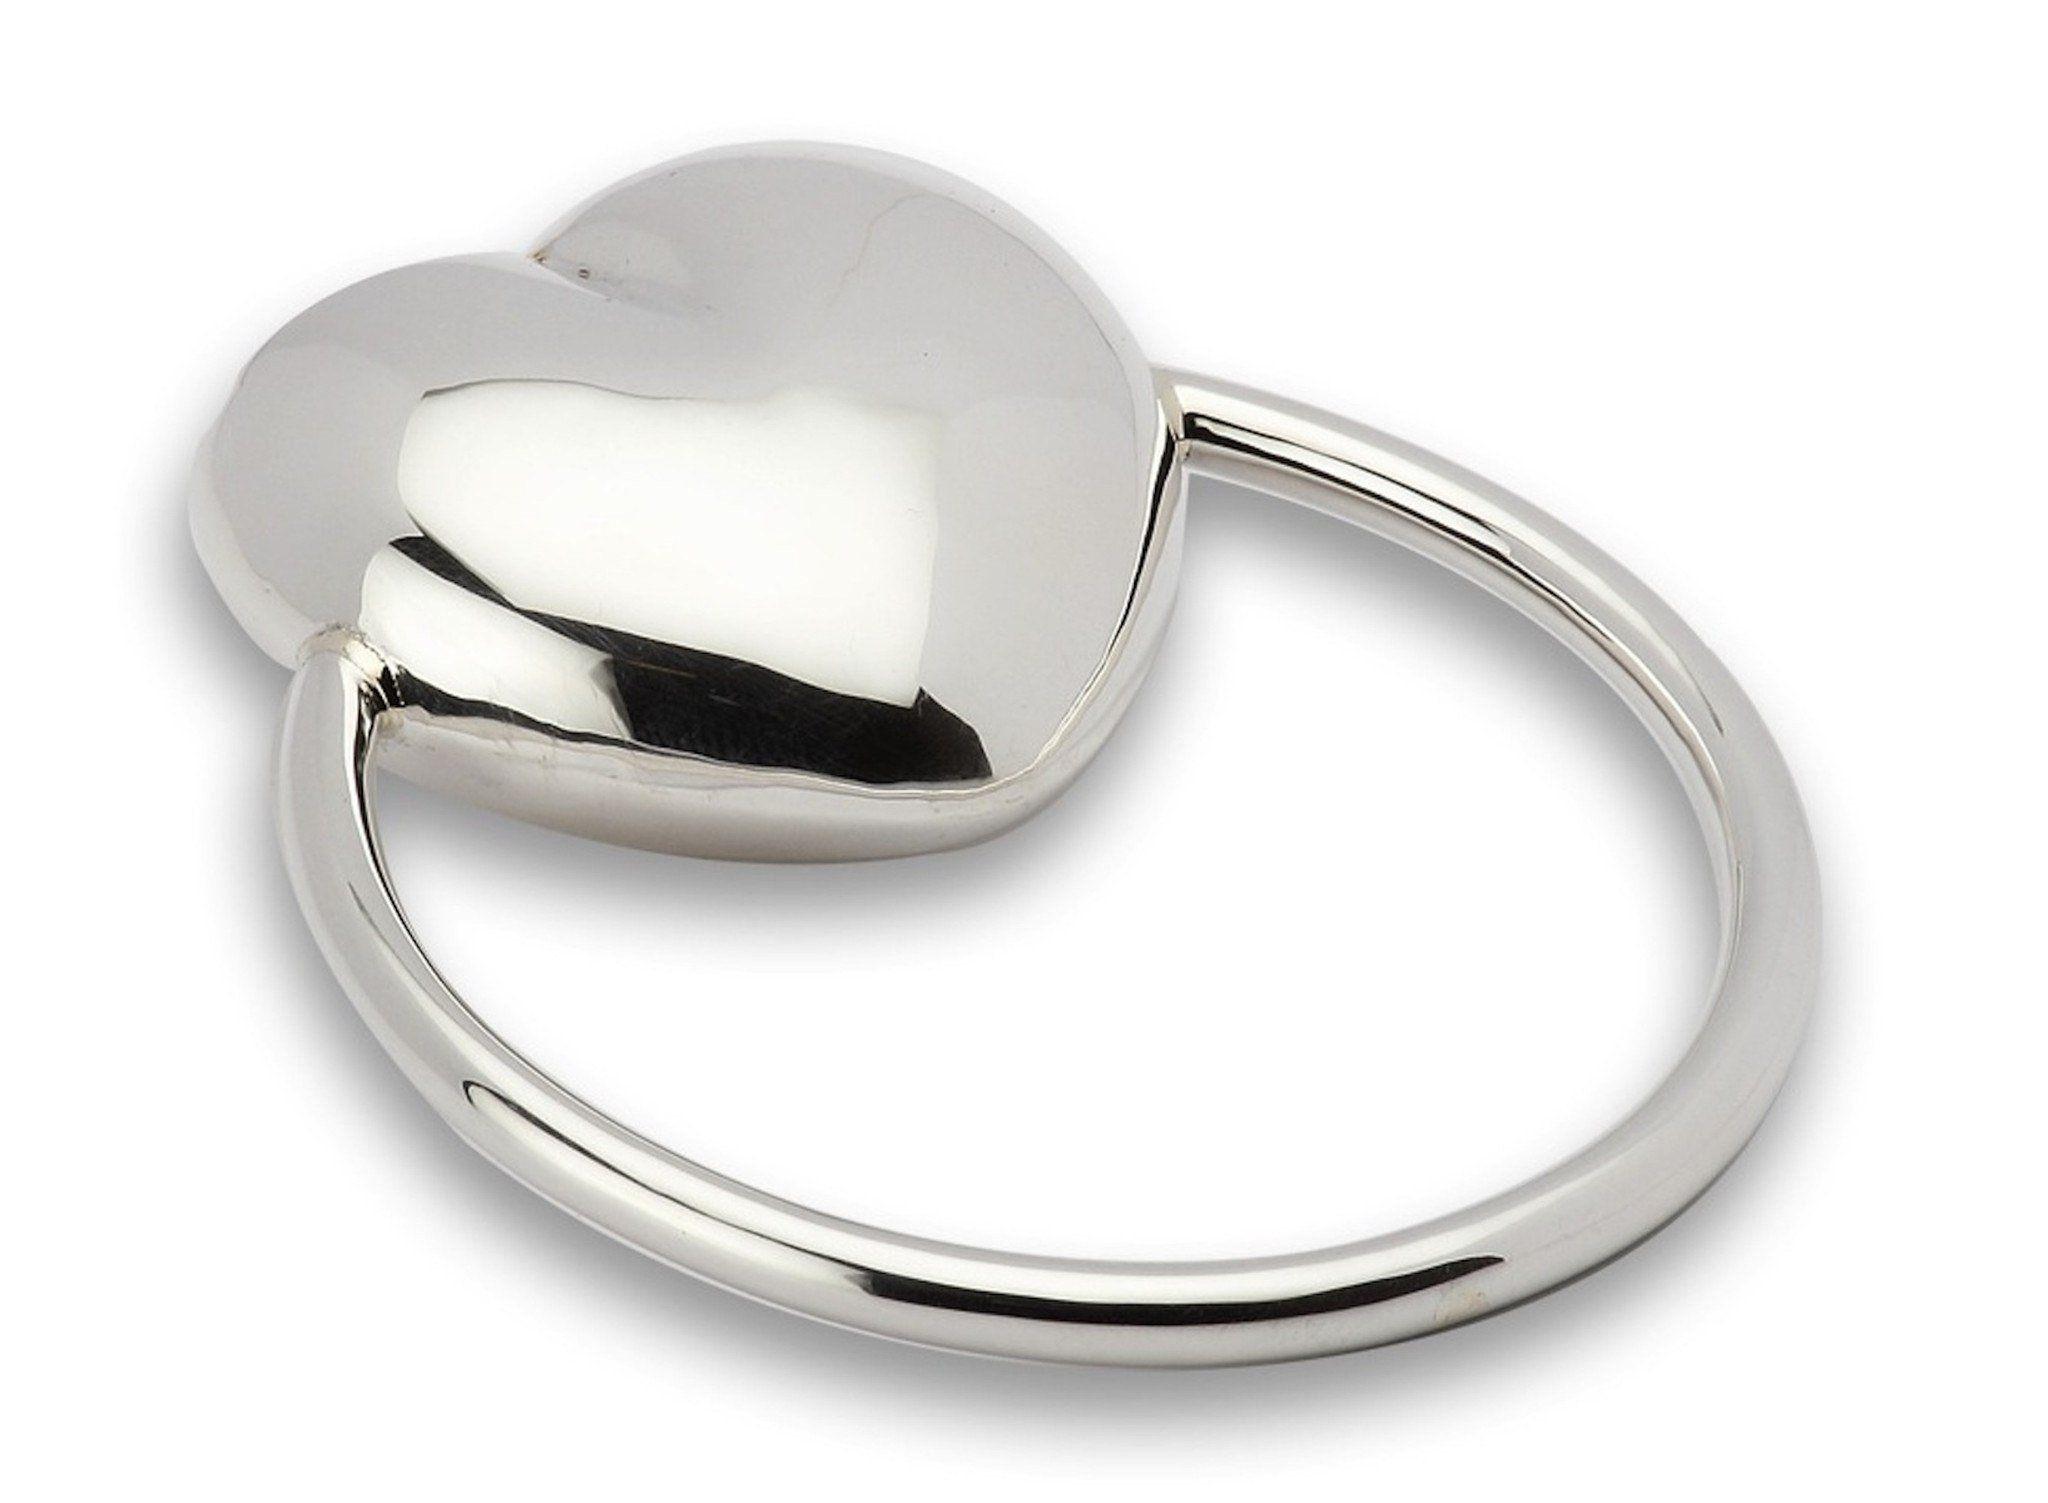 Krysaliis Single Ring Teether Rattle